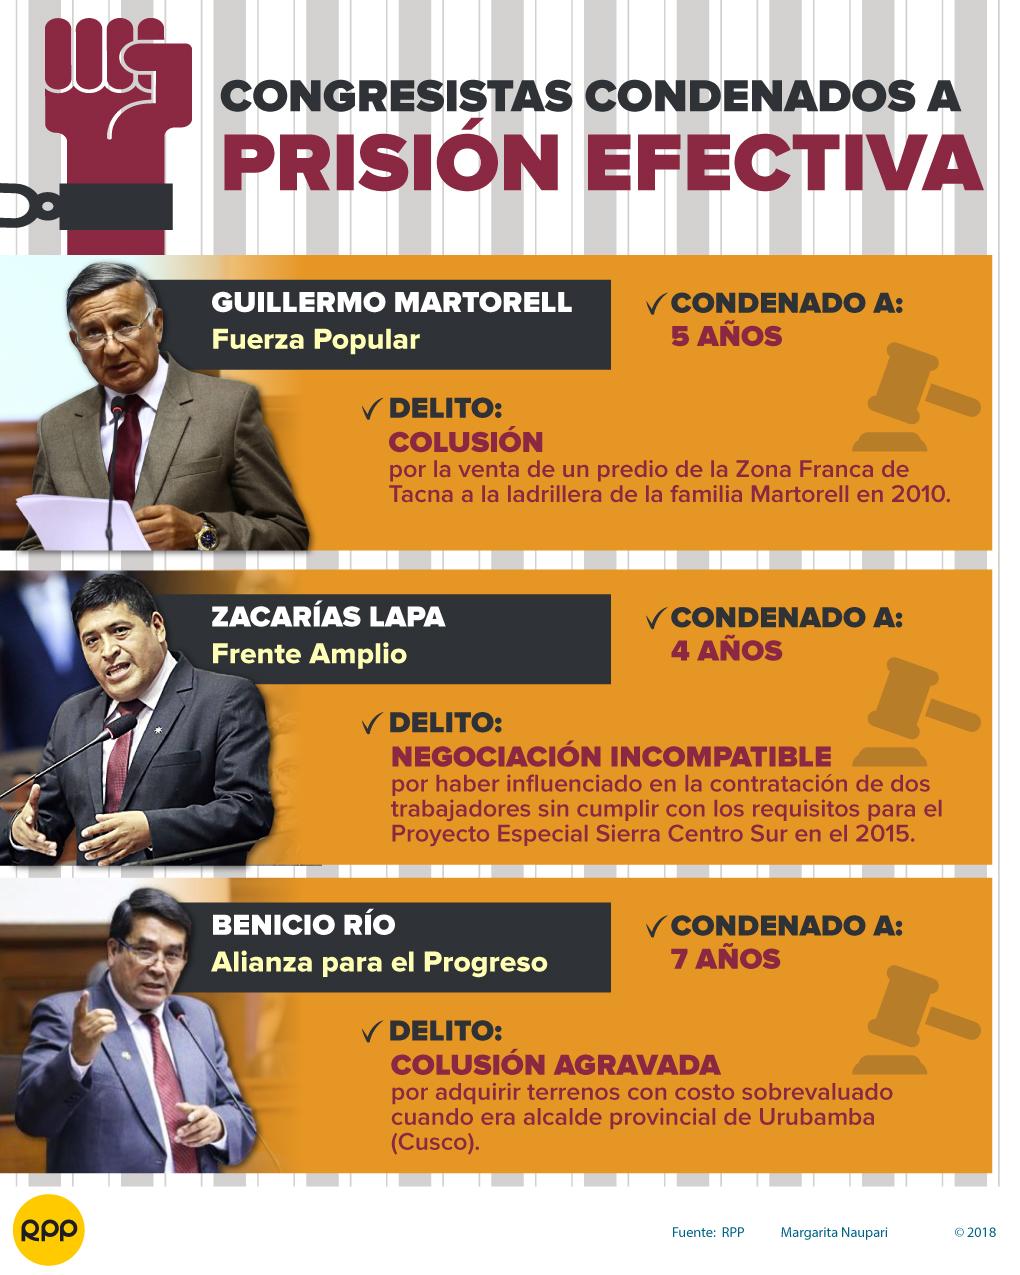 Tres congresistas cuentan con una sentencia de prisión efectiva